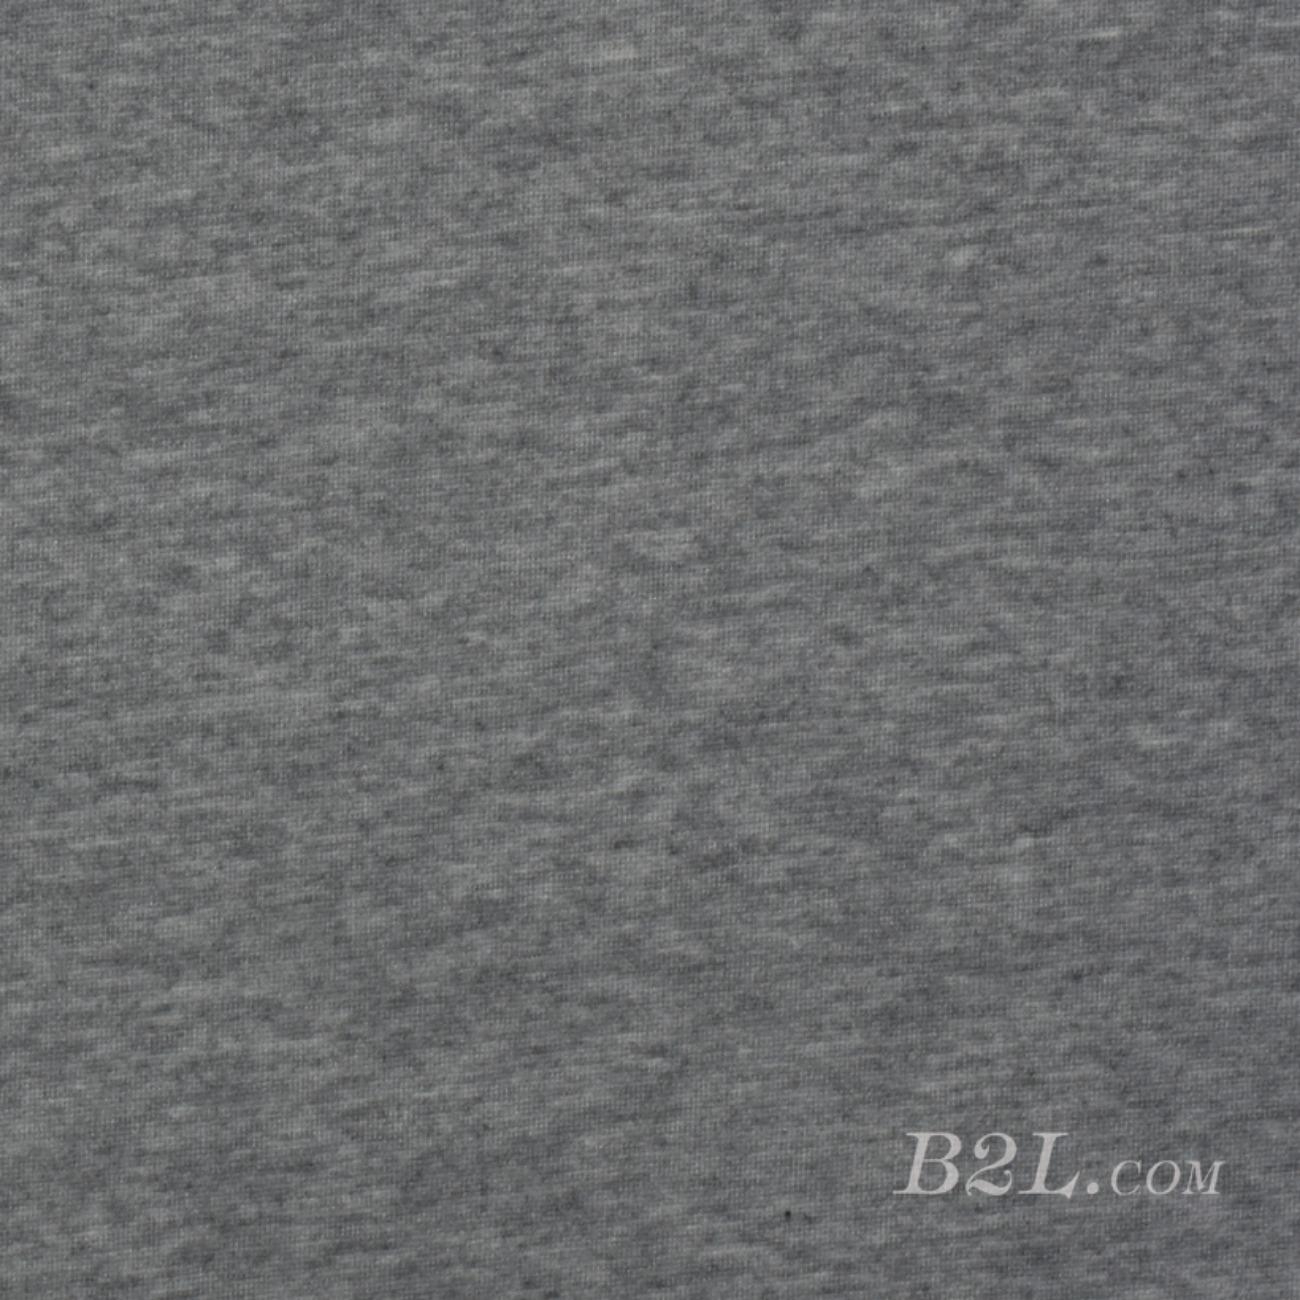 针织染色弹力毛纺面料-秋冬外套大衣面料90921-23